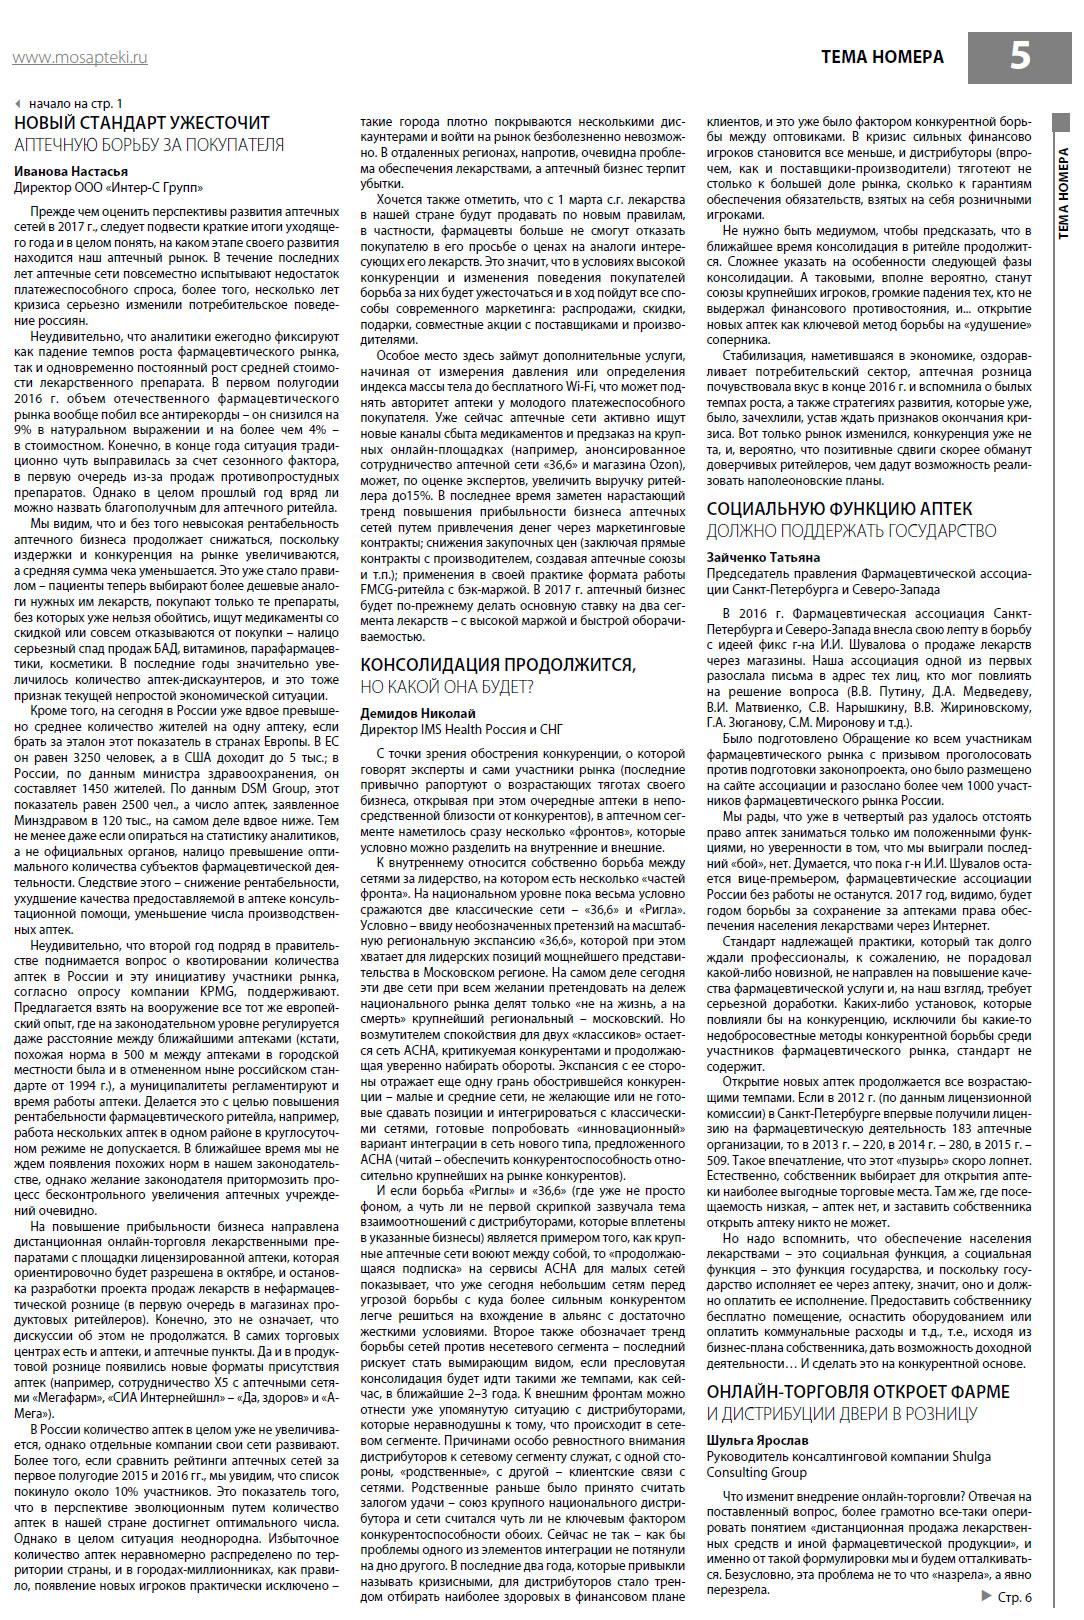 журнал дежурного администратора в аптеке